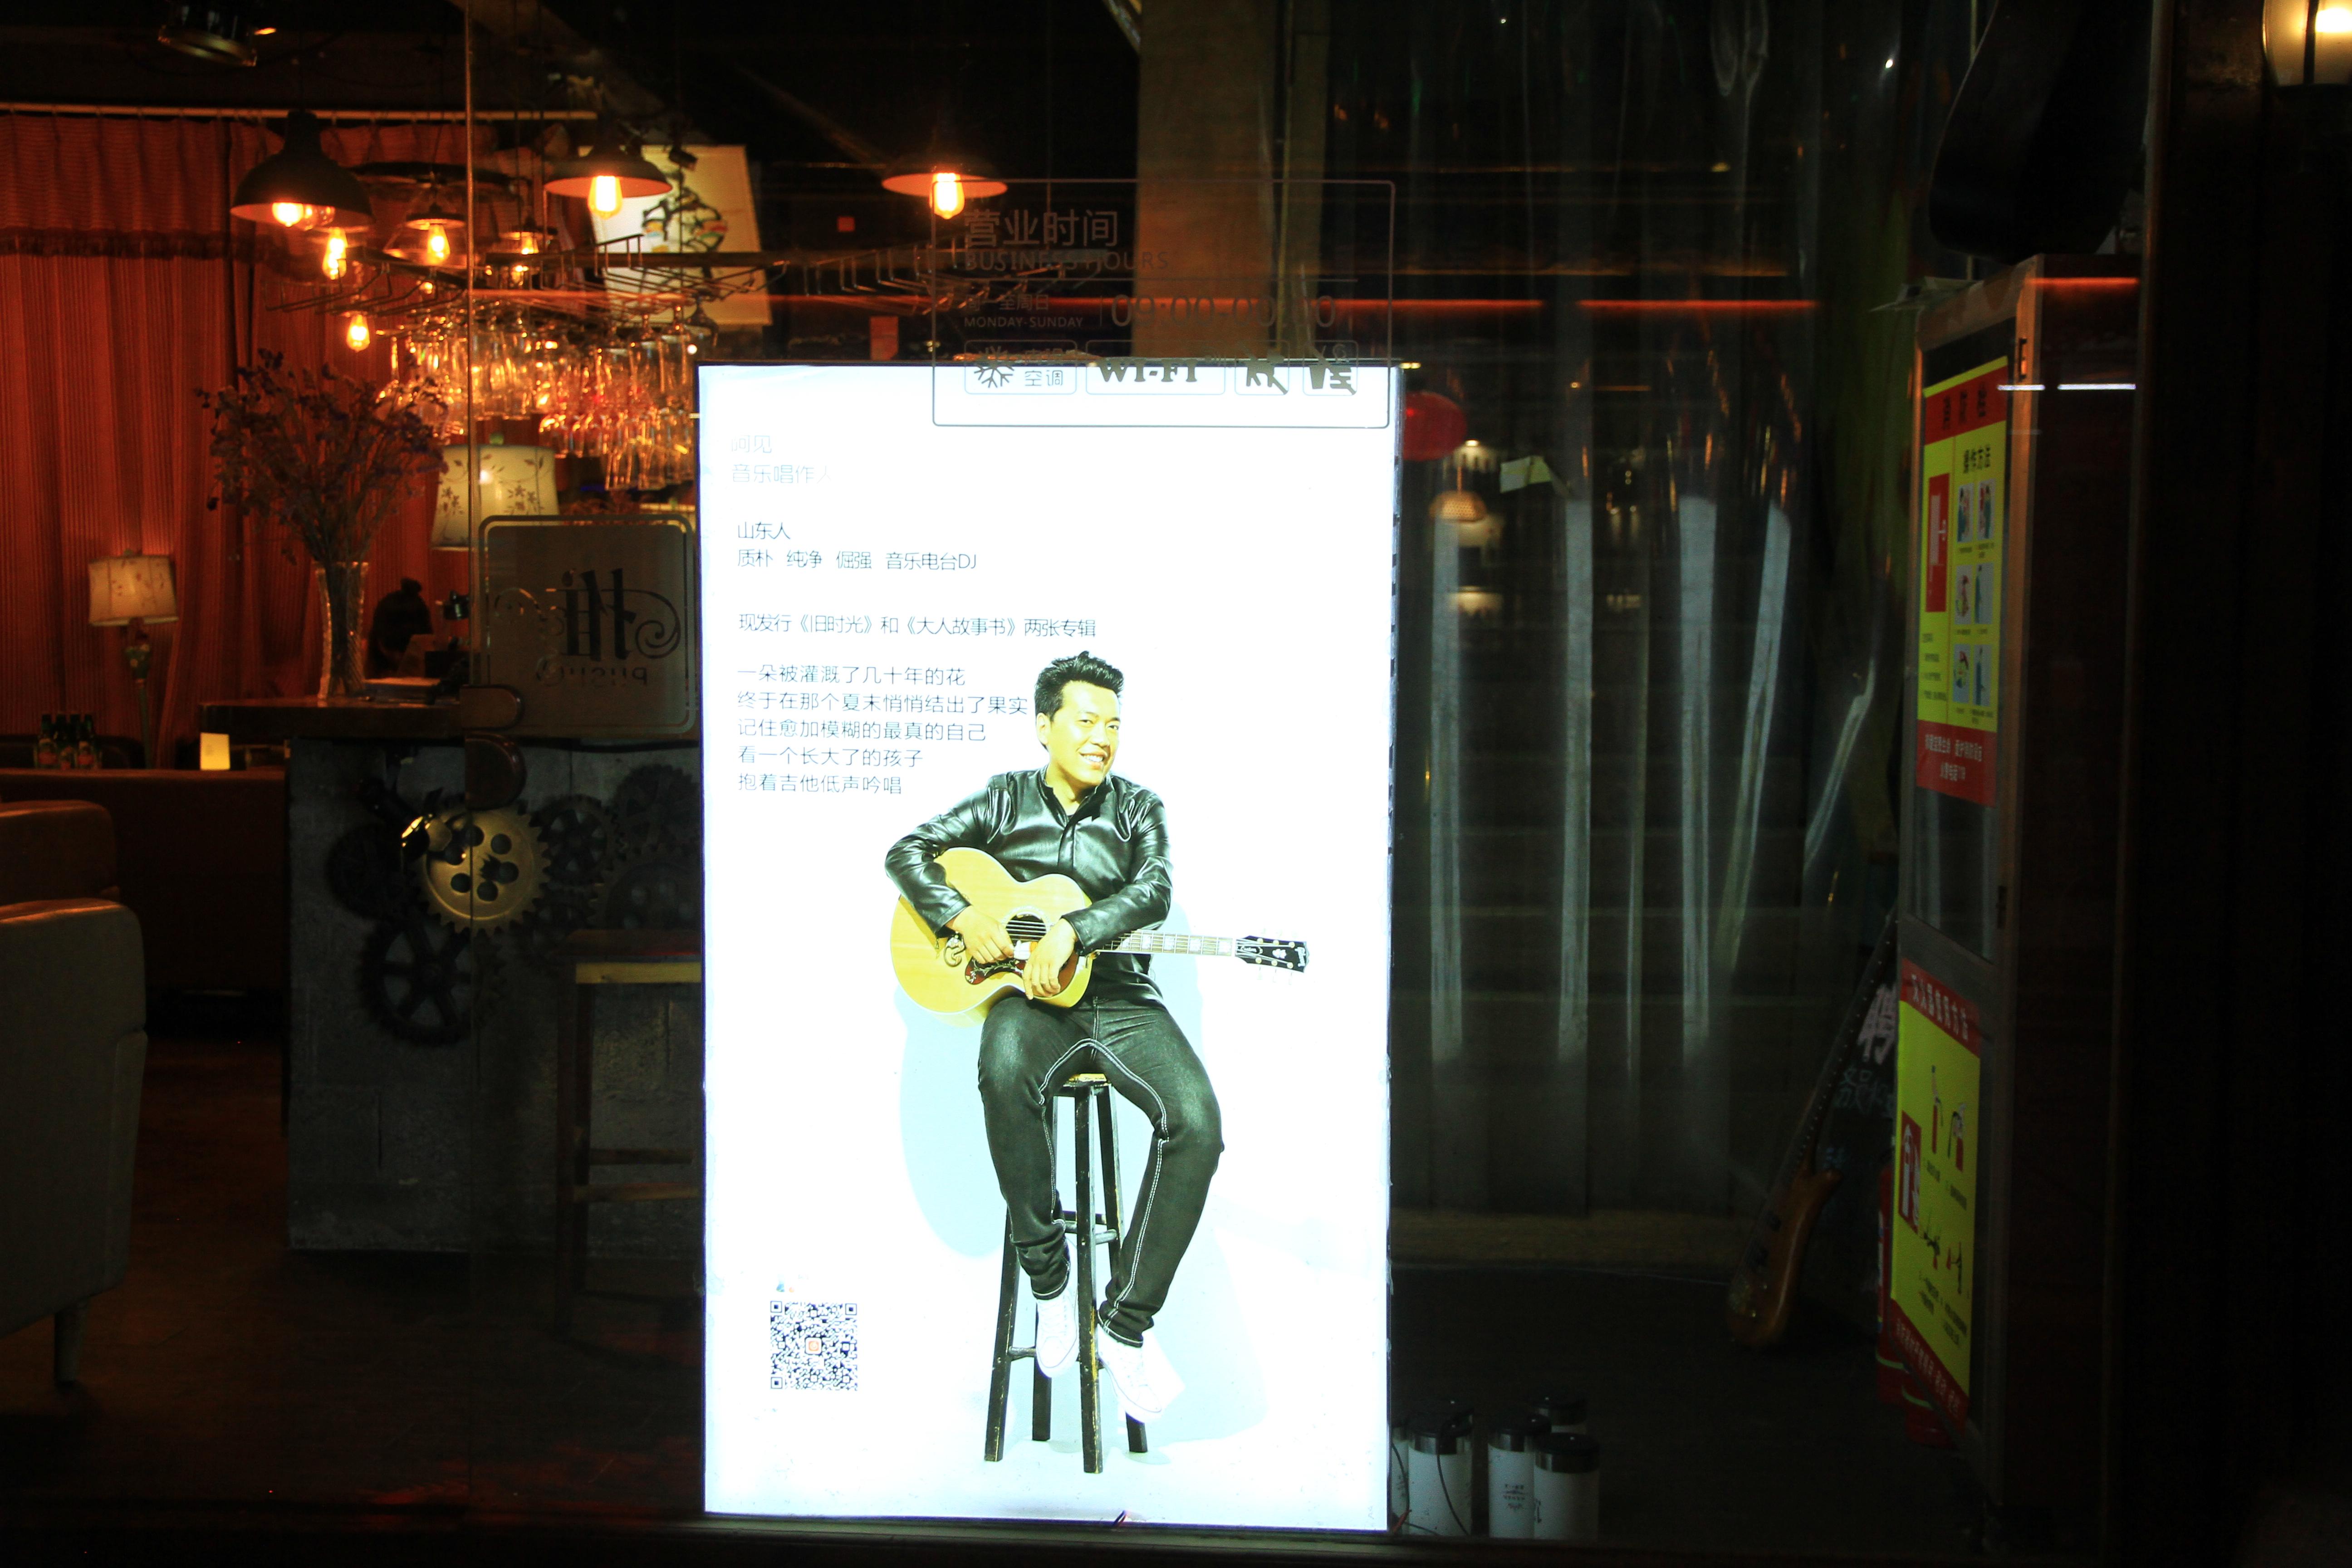 57、酒吧橱窗吉他手的宣传照